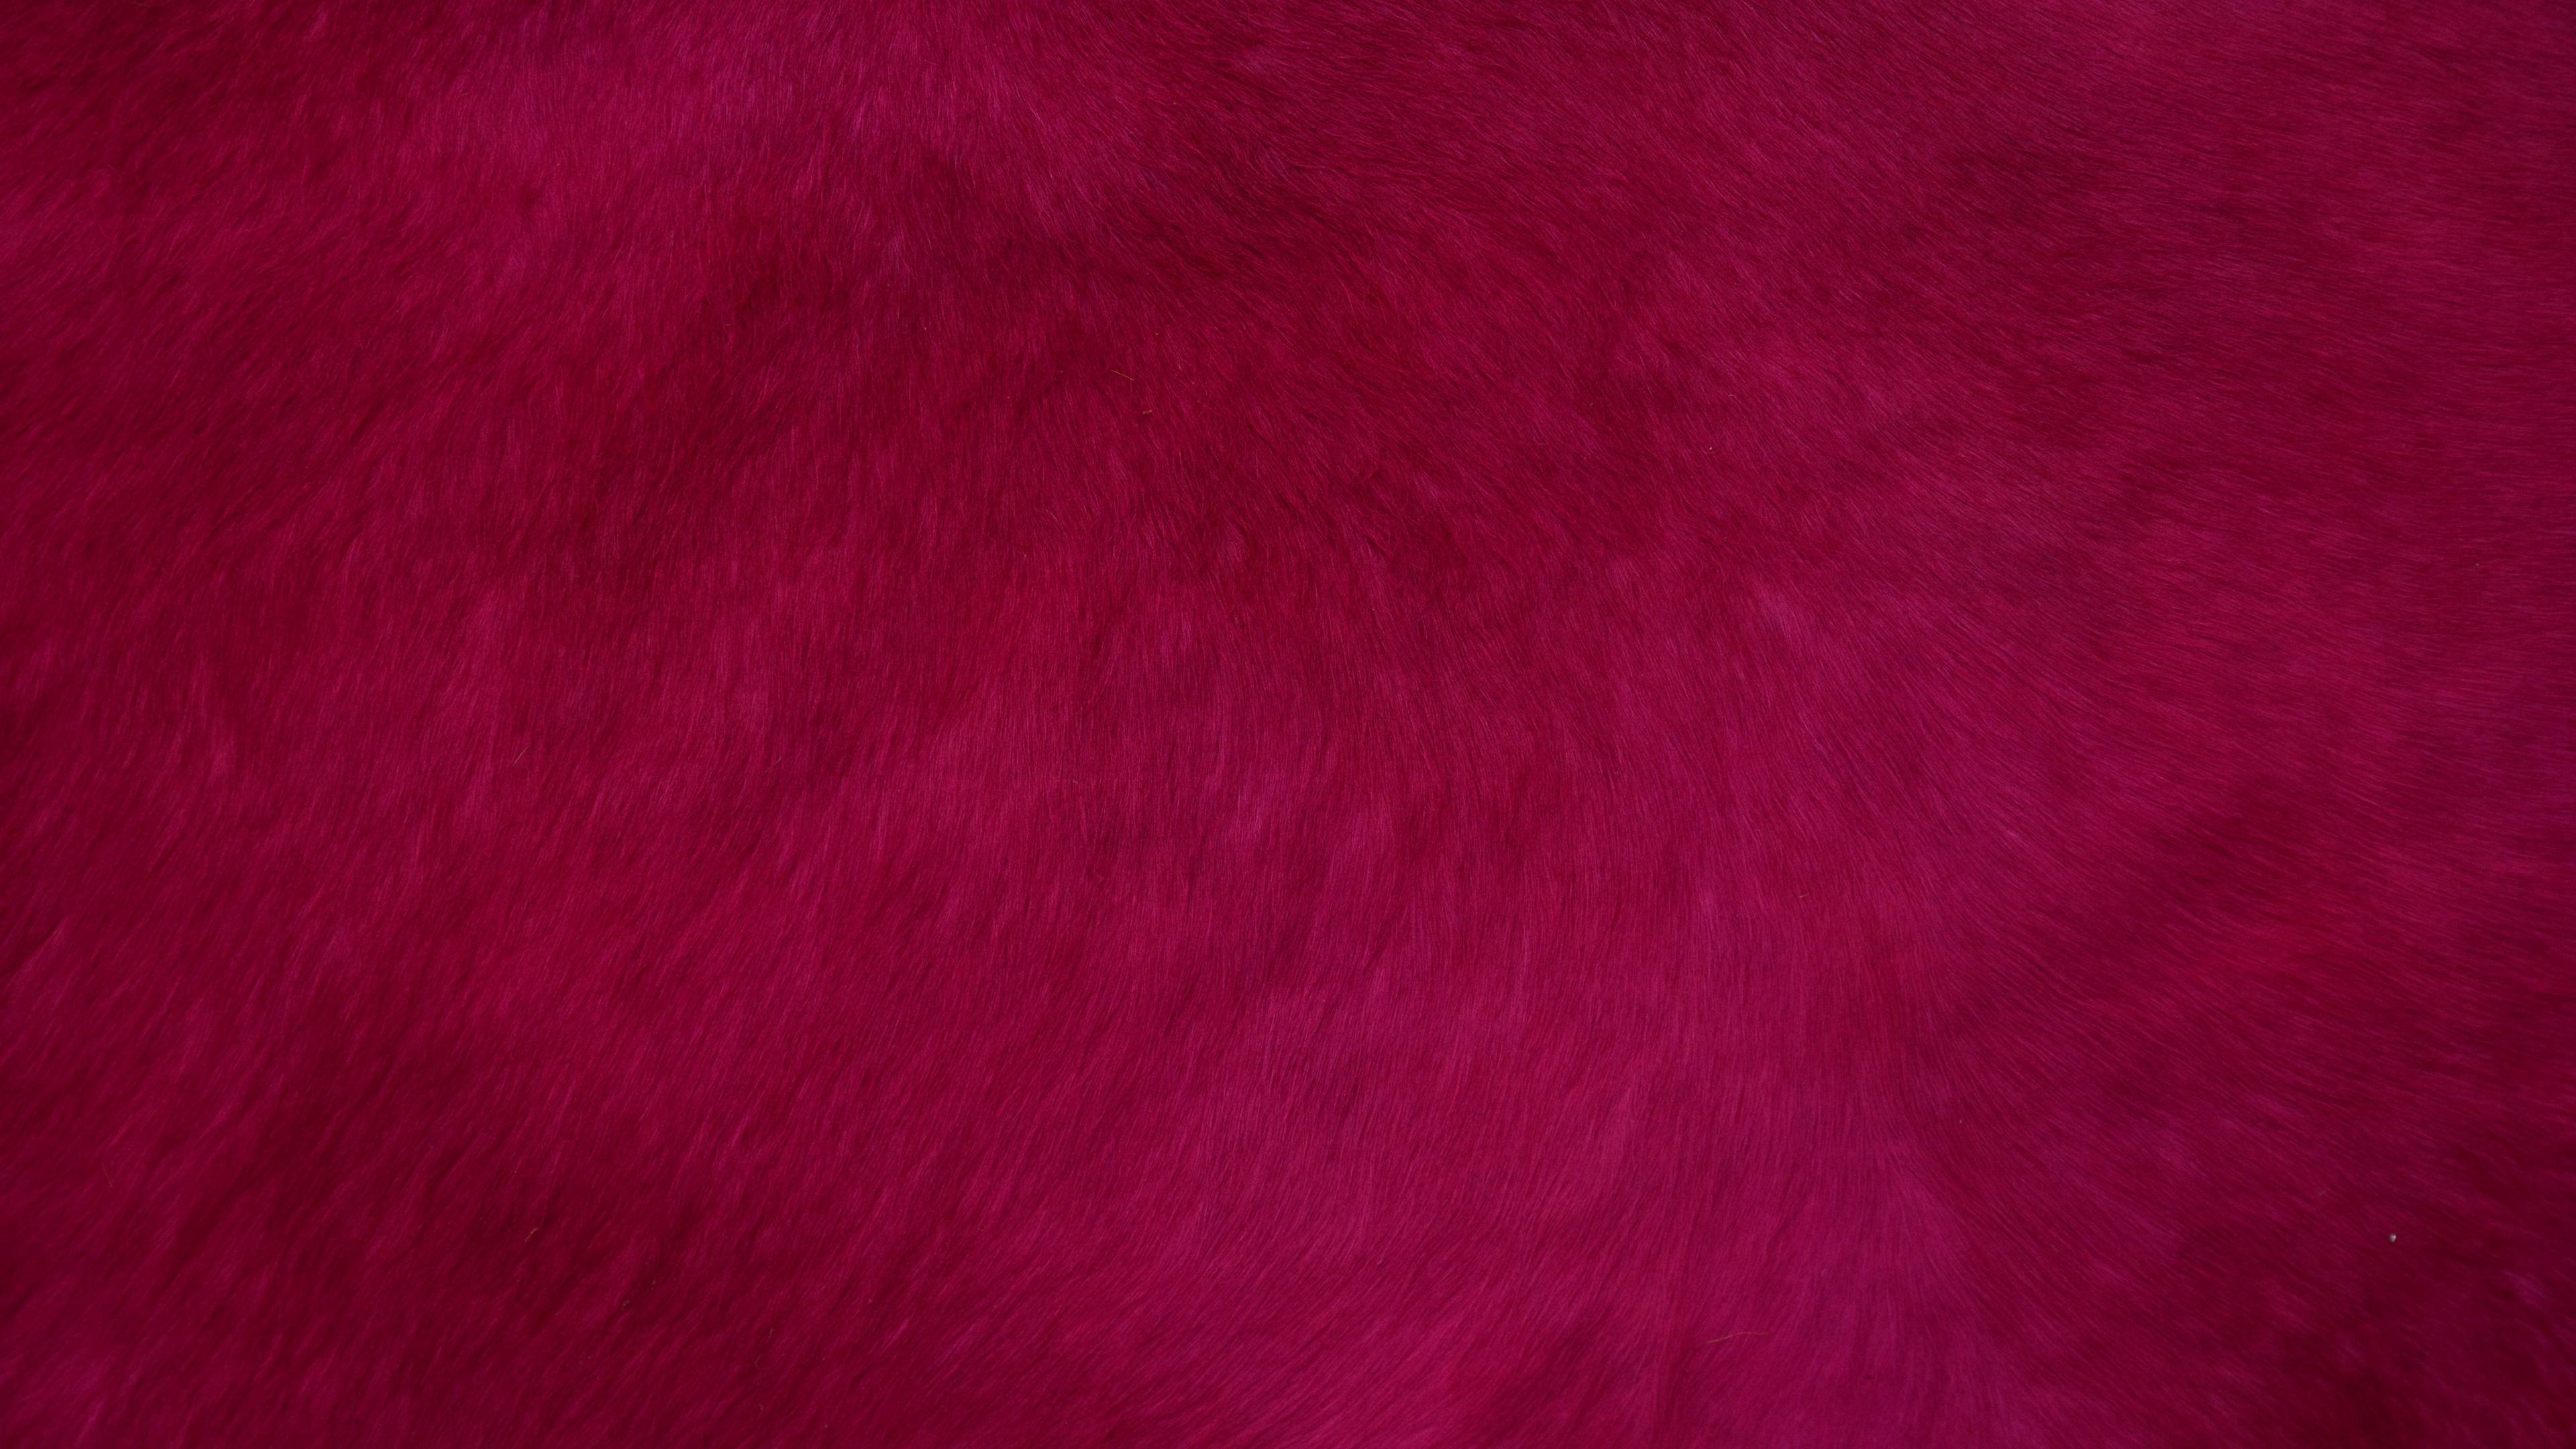 Red fur wallpaper